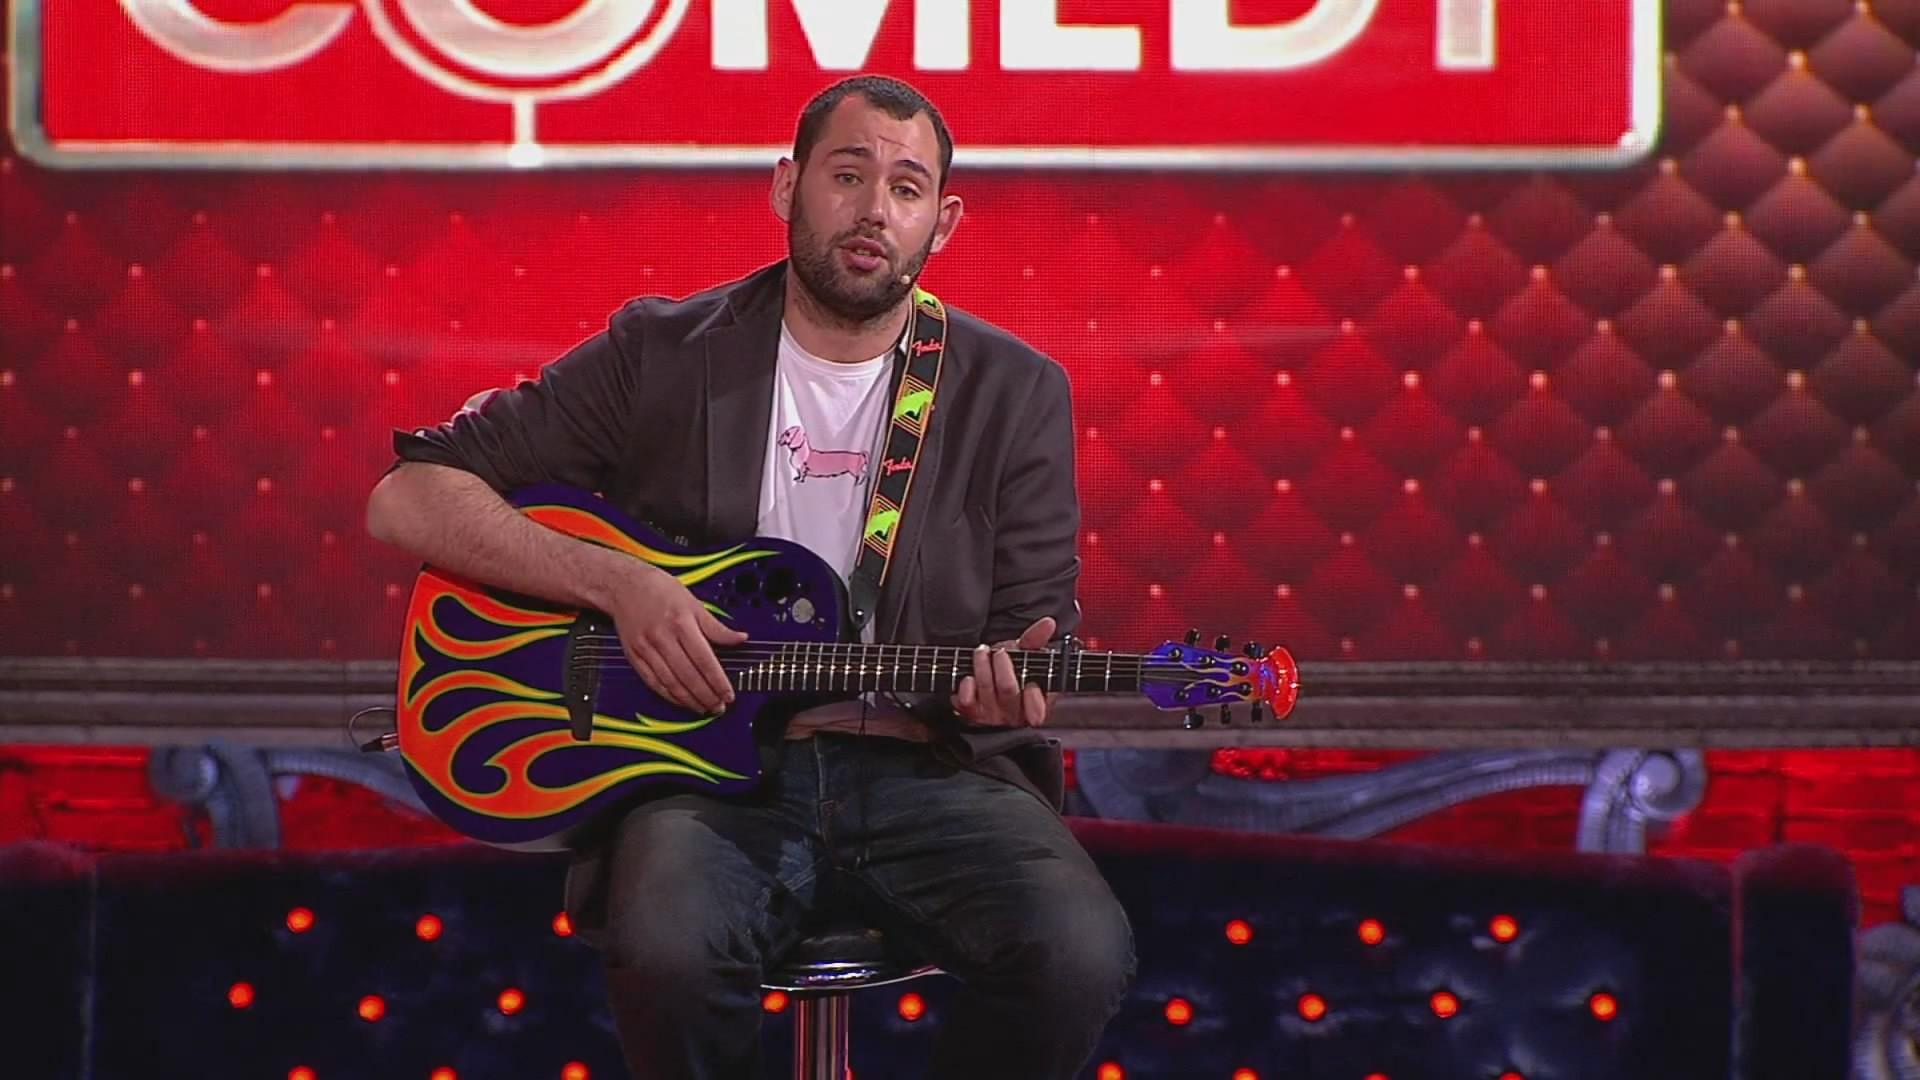 Семён Слепаков написал новейшую песню отелеканале ТНТ иучастниках «Дома-2»